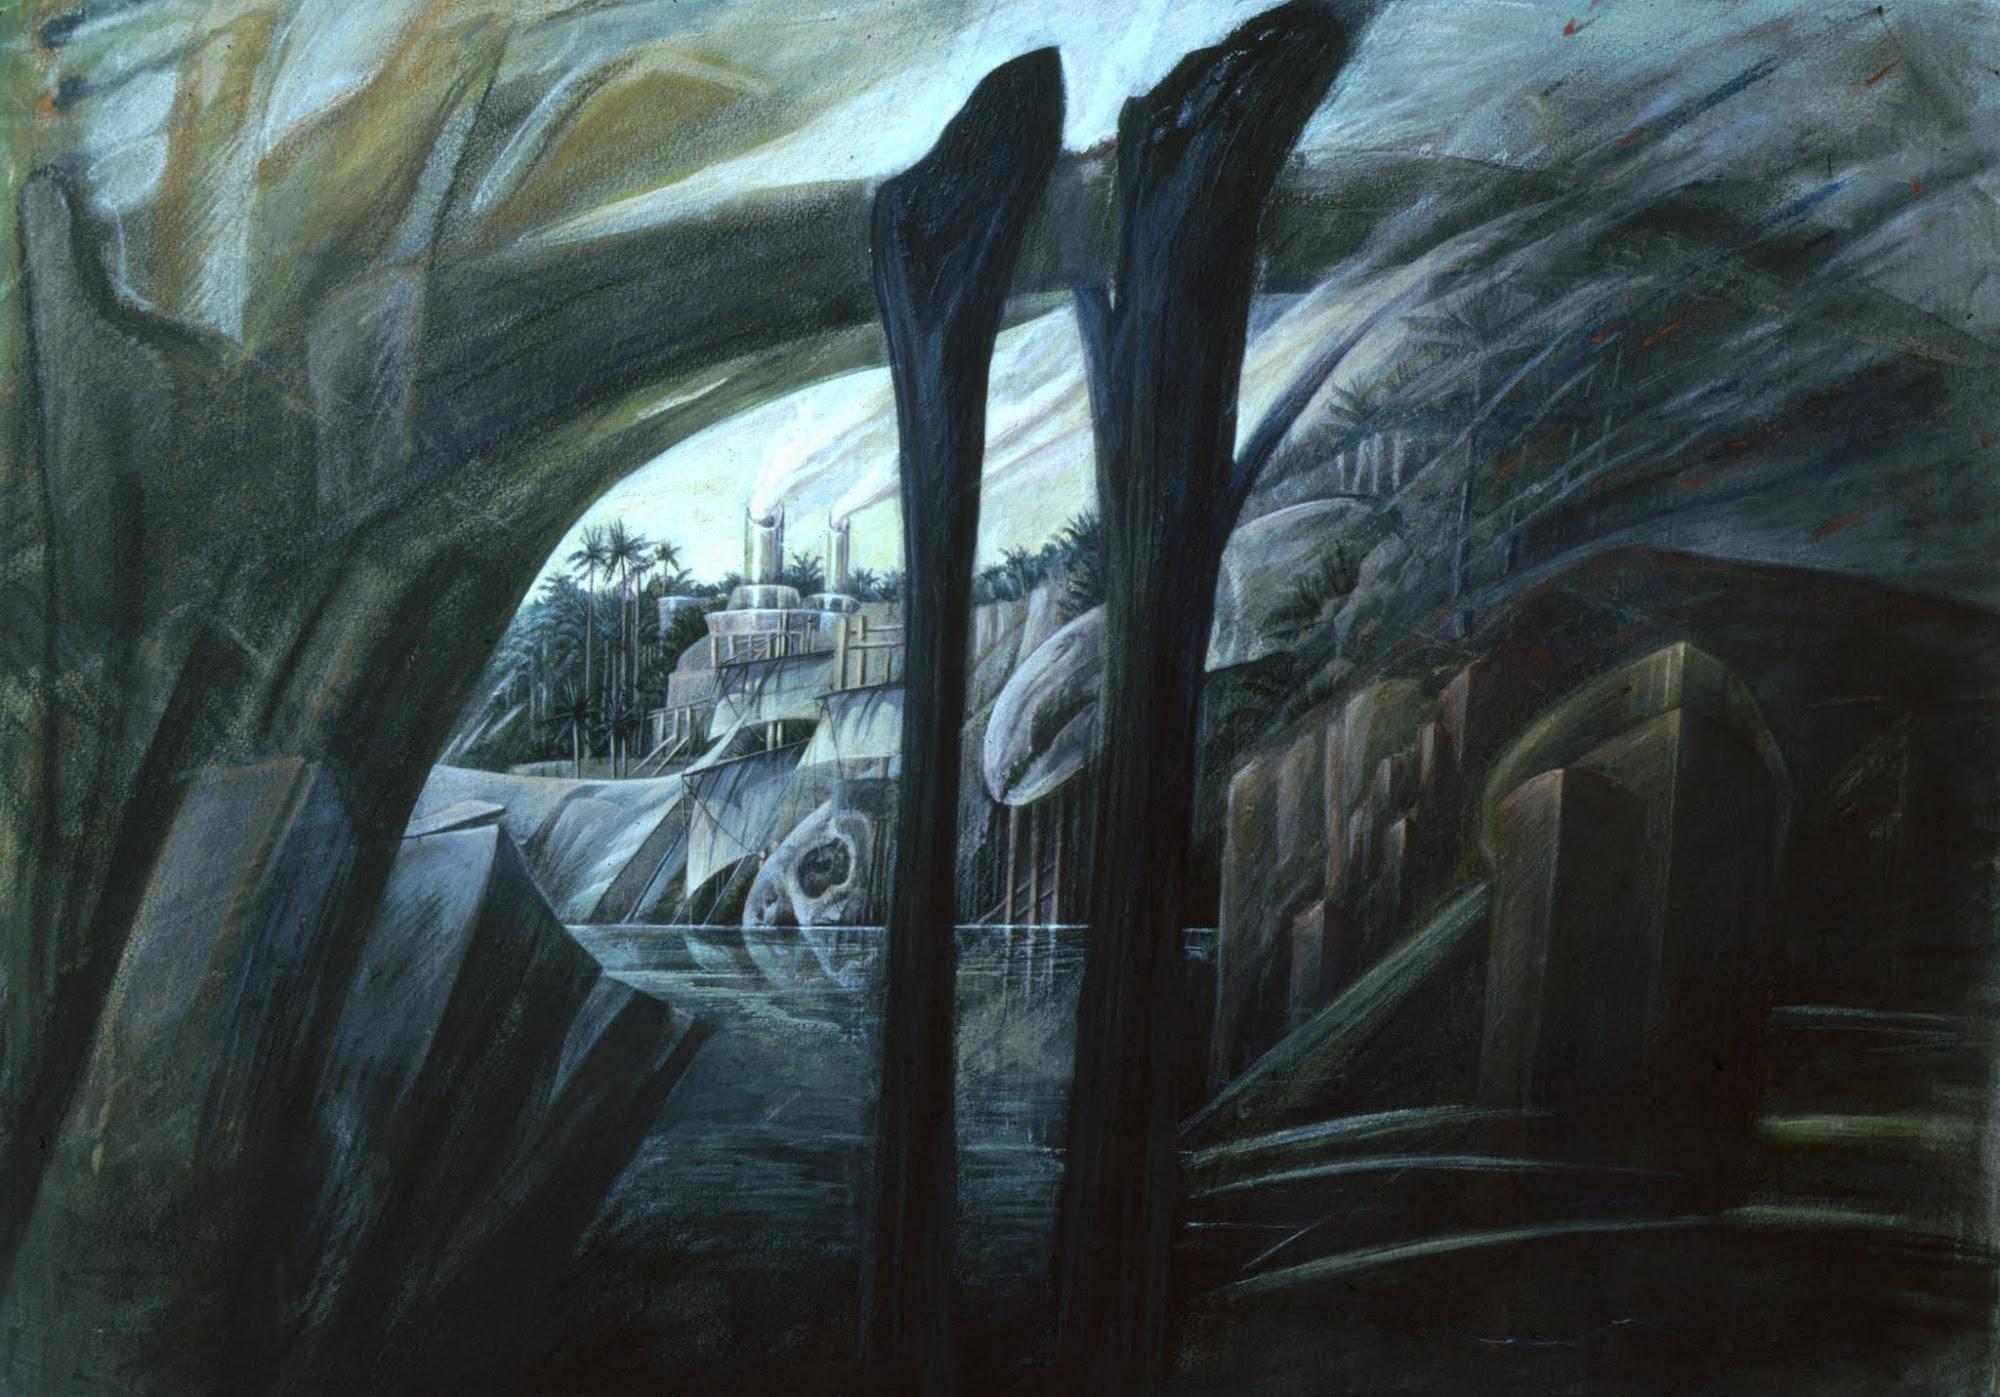 Bise   Aus dem Zyklus 'Die vier Winde'   1981   Pastell / Eitempera auf Tonpapier   65 x 80 cm